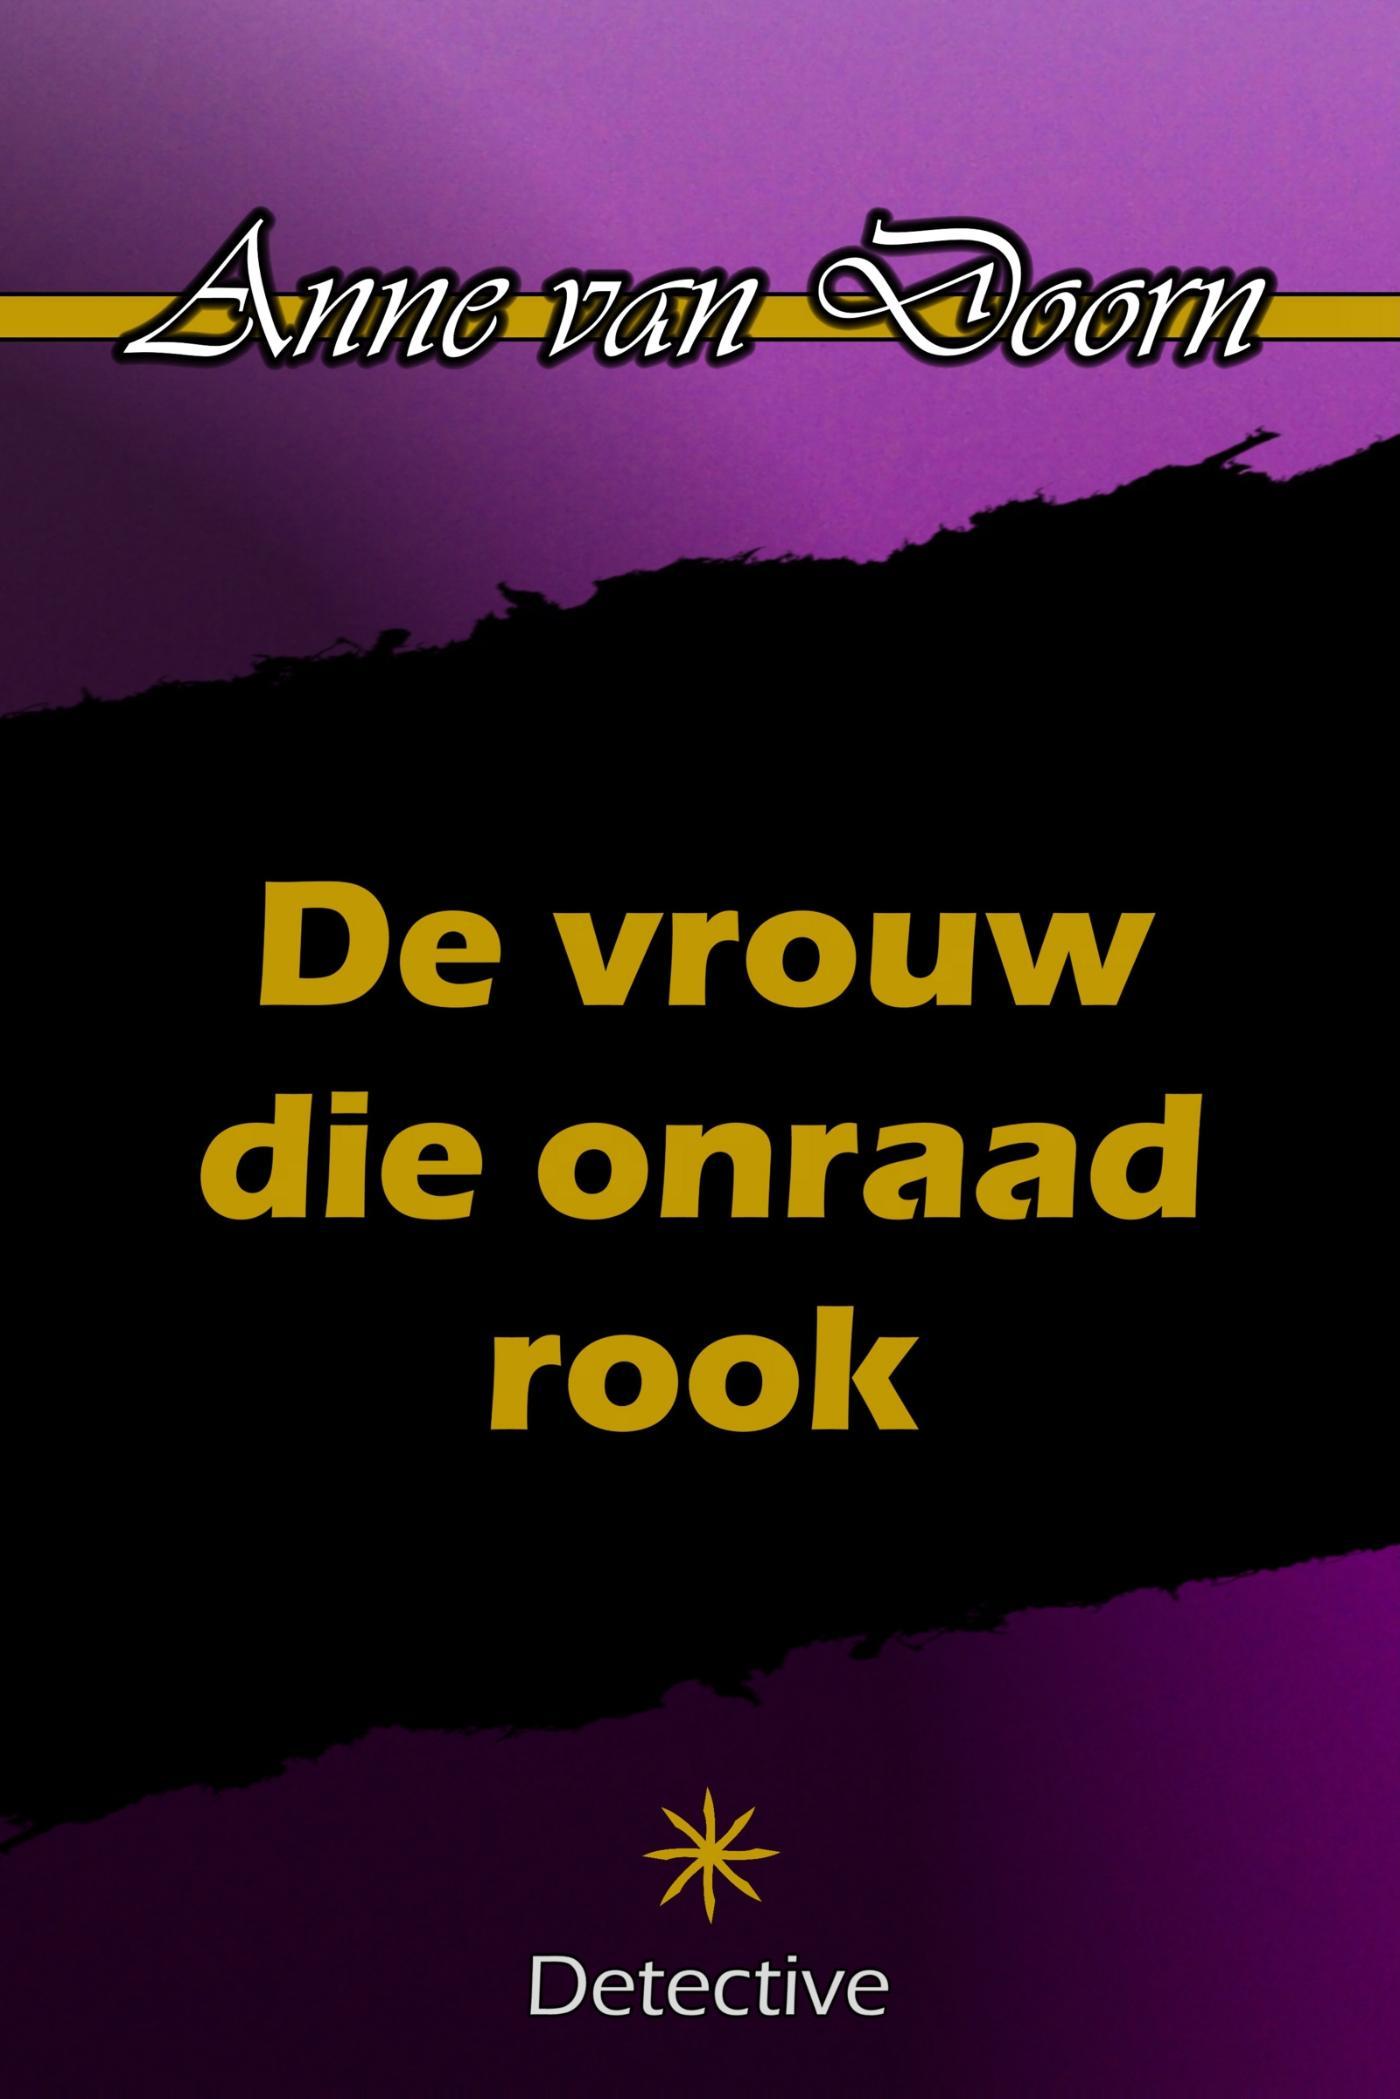 DE VROUW DIE ONRAAD ROOK